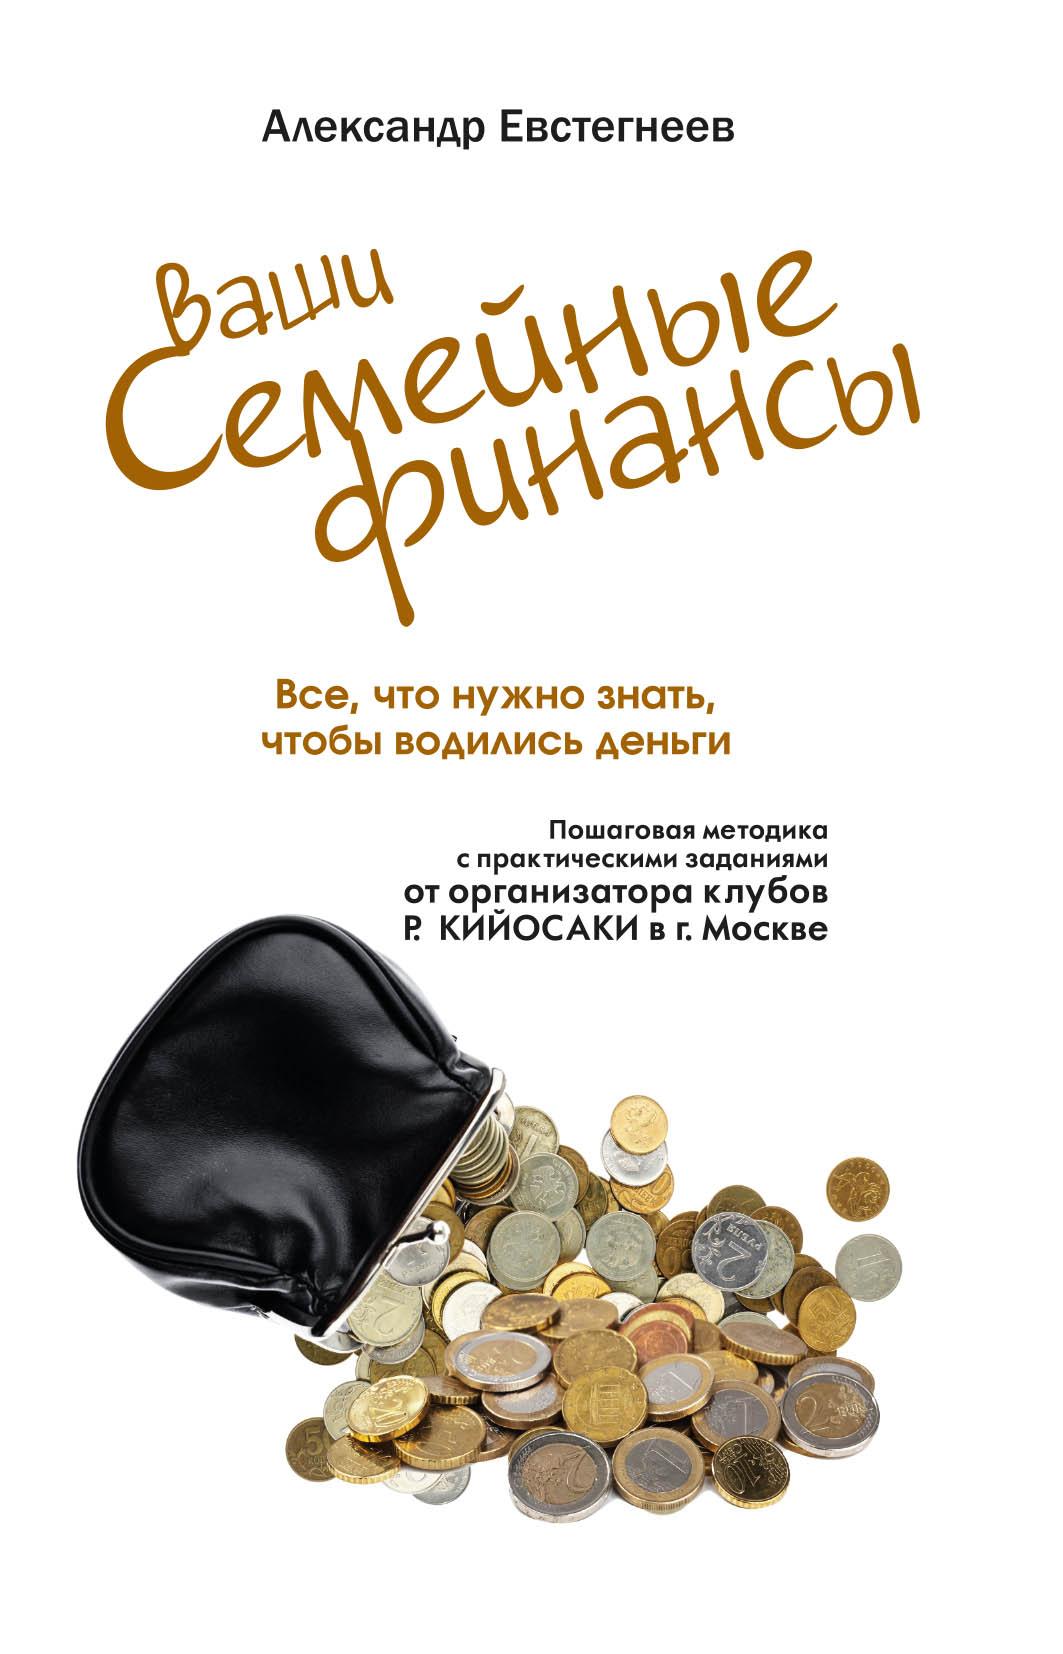 Купить книгу Ваши семейные финансы. Все, что нужно знать, чтобы водились деньги, автора Александра Евстегнеева